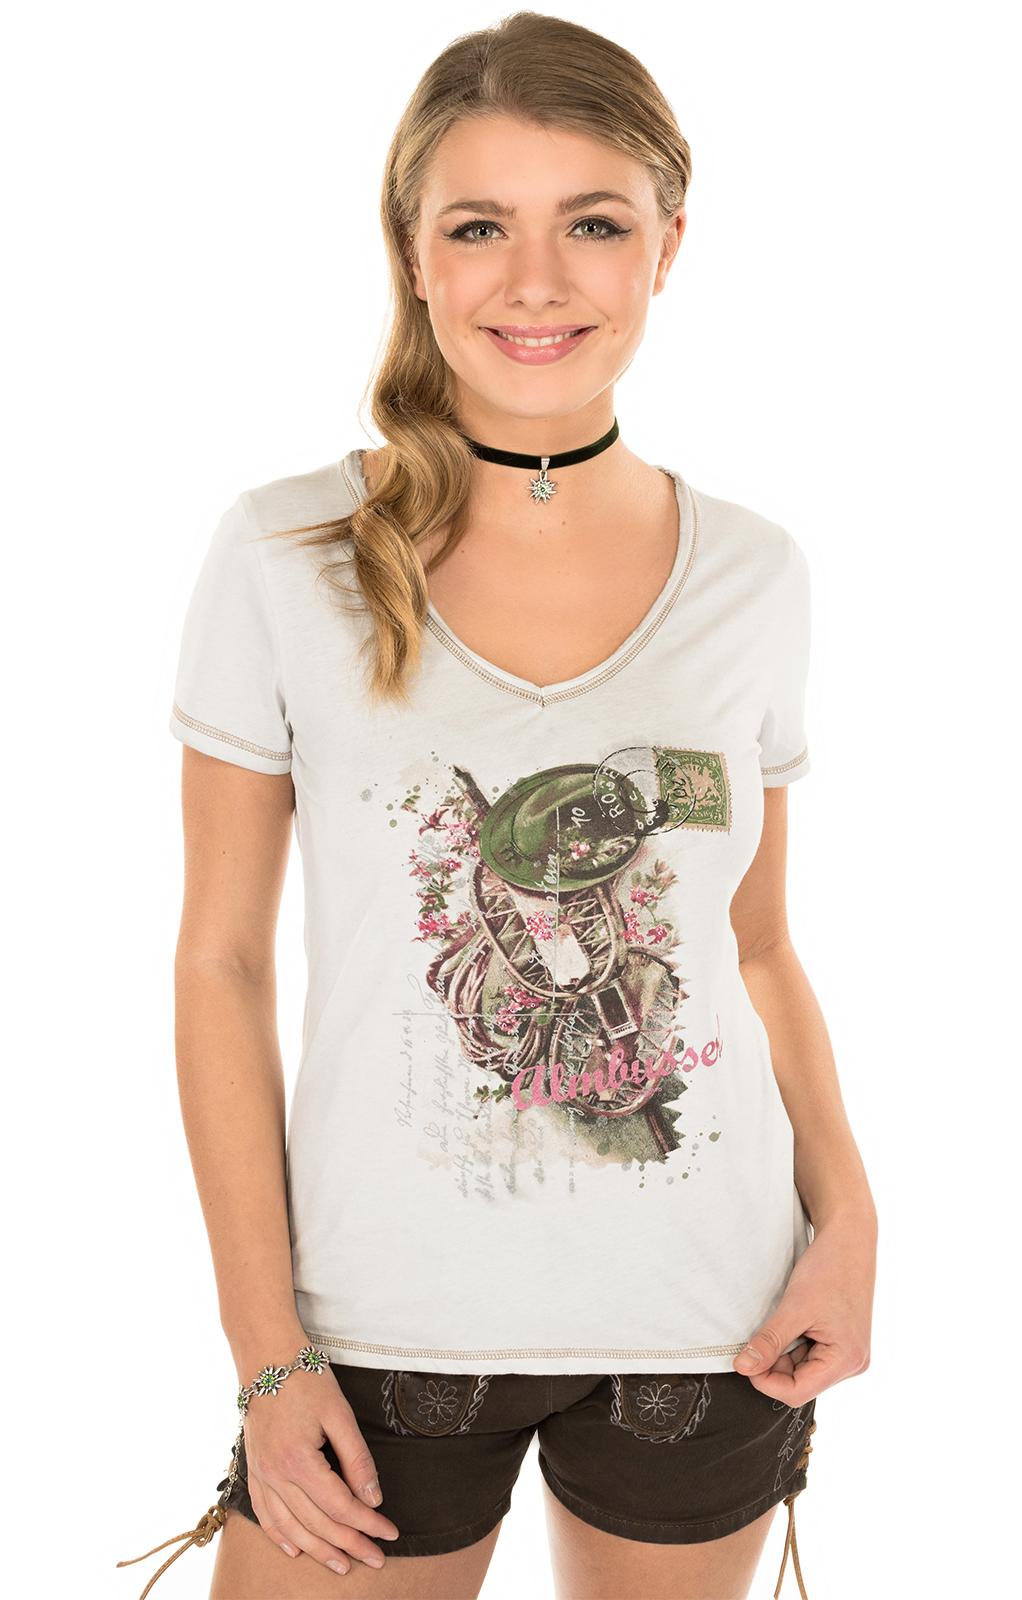 Trachten T-Shirt K06 ALMBUSSERL natur von Marjo